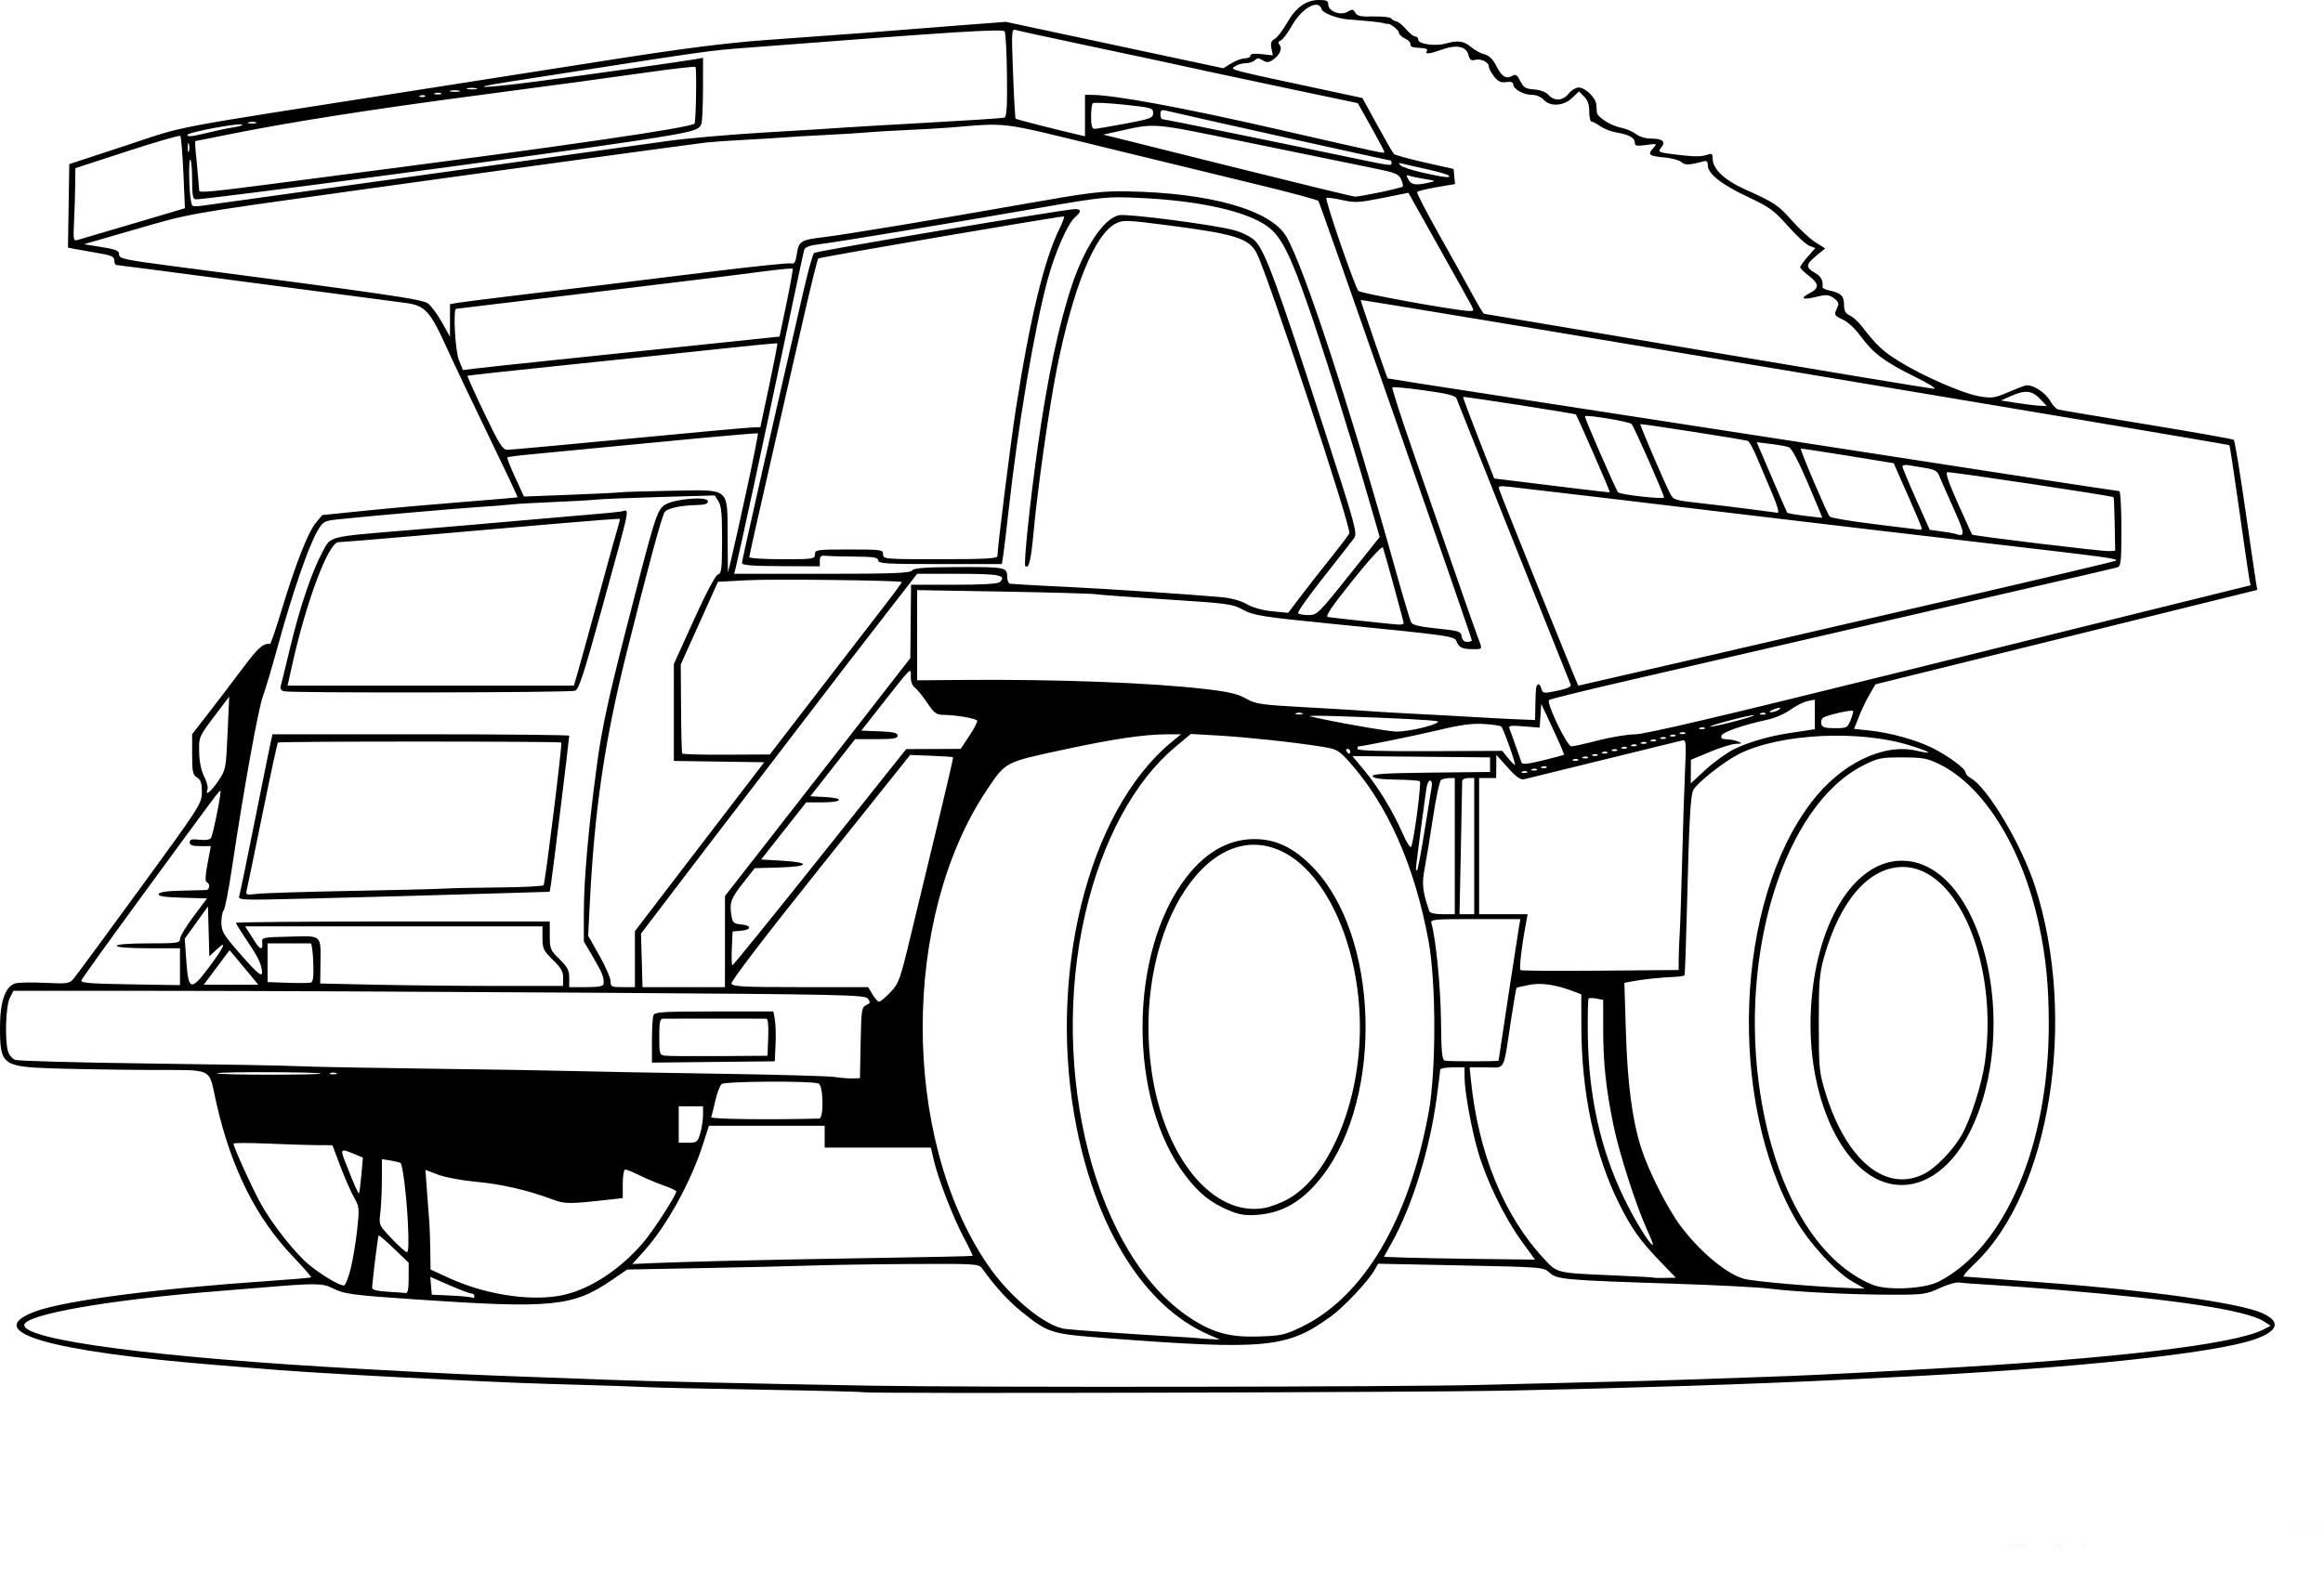 Coloriage Camion Benne Dessin À Imprimer Sur Coloriages encequiconcerne Coloriage Camion A Imprimer